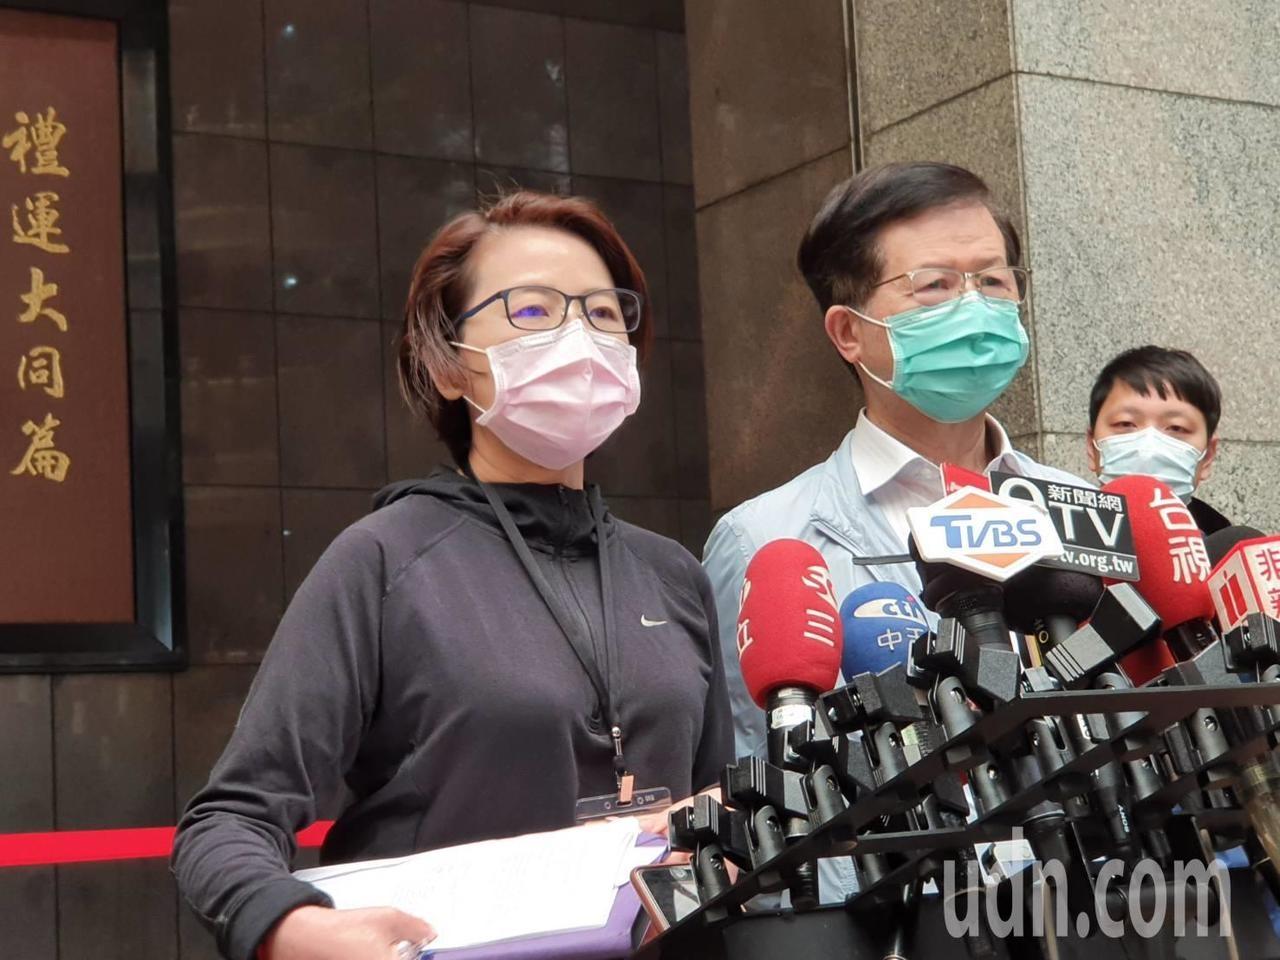 台北市副市長黃珊珊上午舉行毒疫情小組應變會議後受訪。記者楊正海/攝影